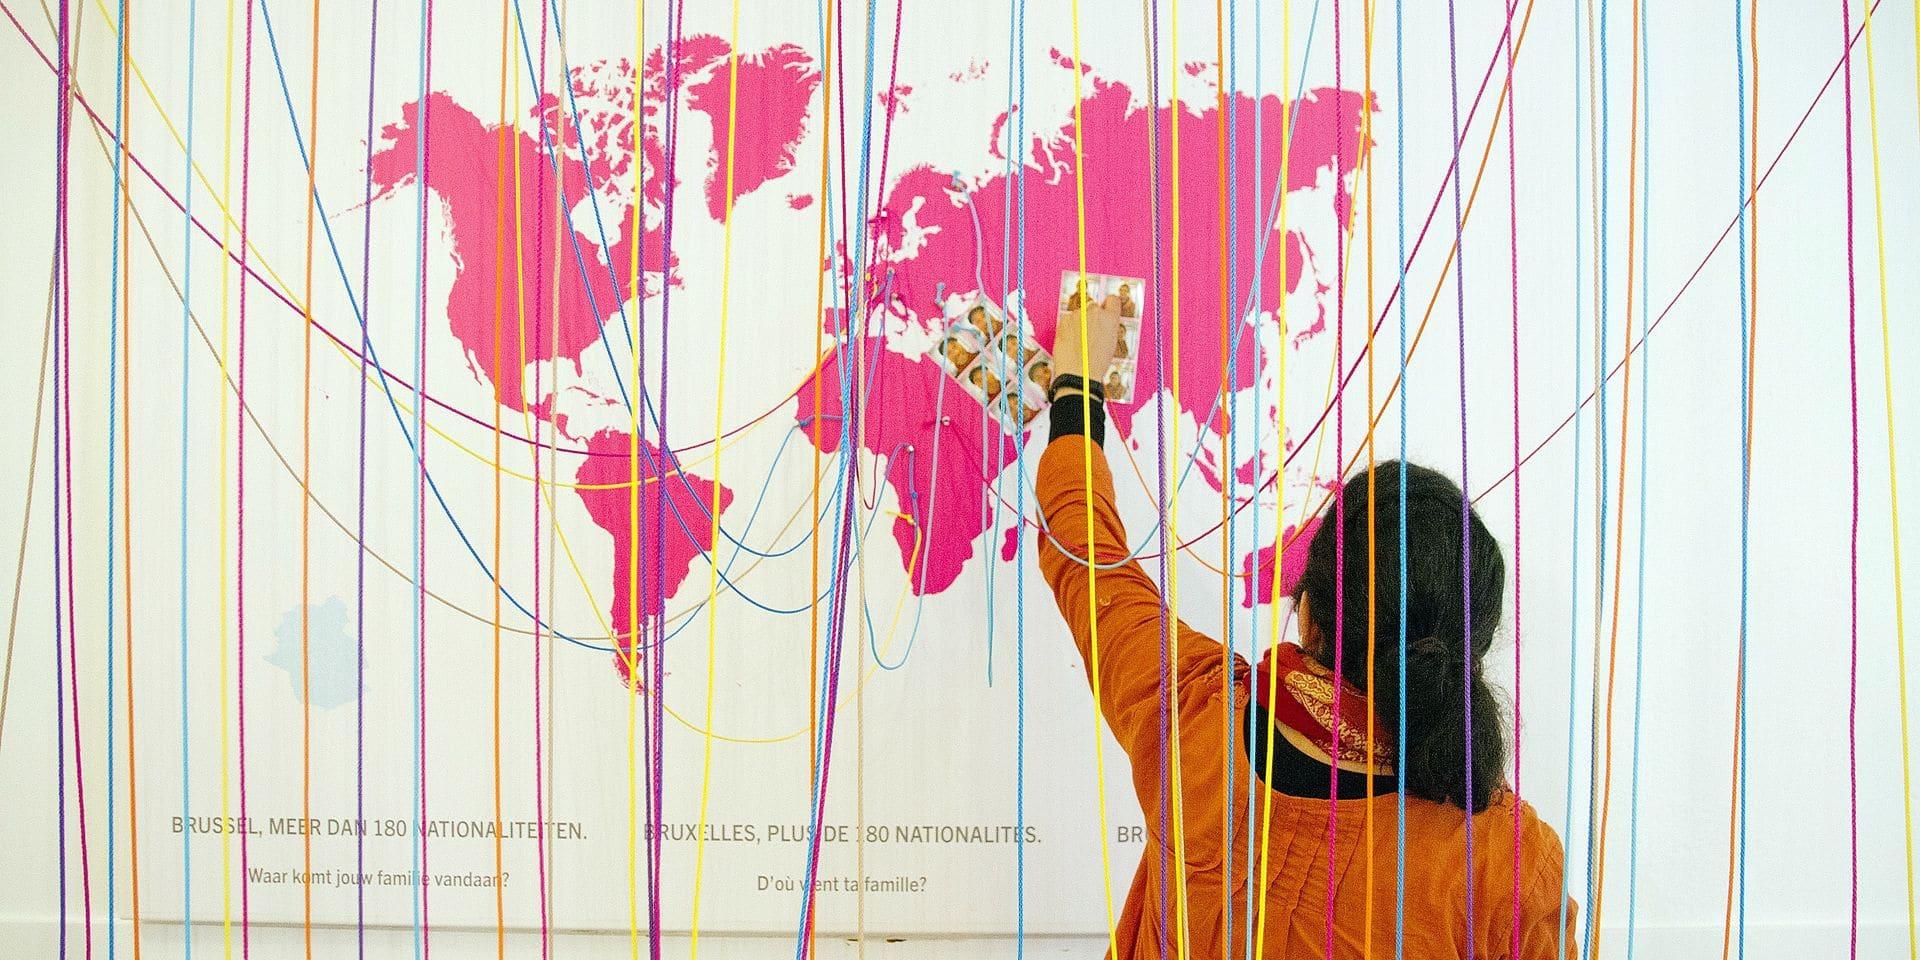 Un musée de l'immigration ouvre ses portes à Molenbeek